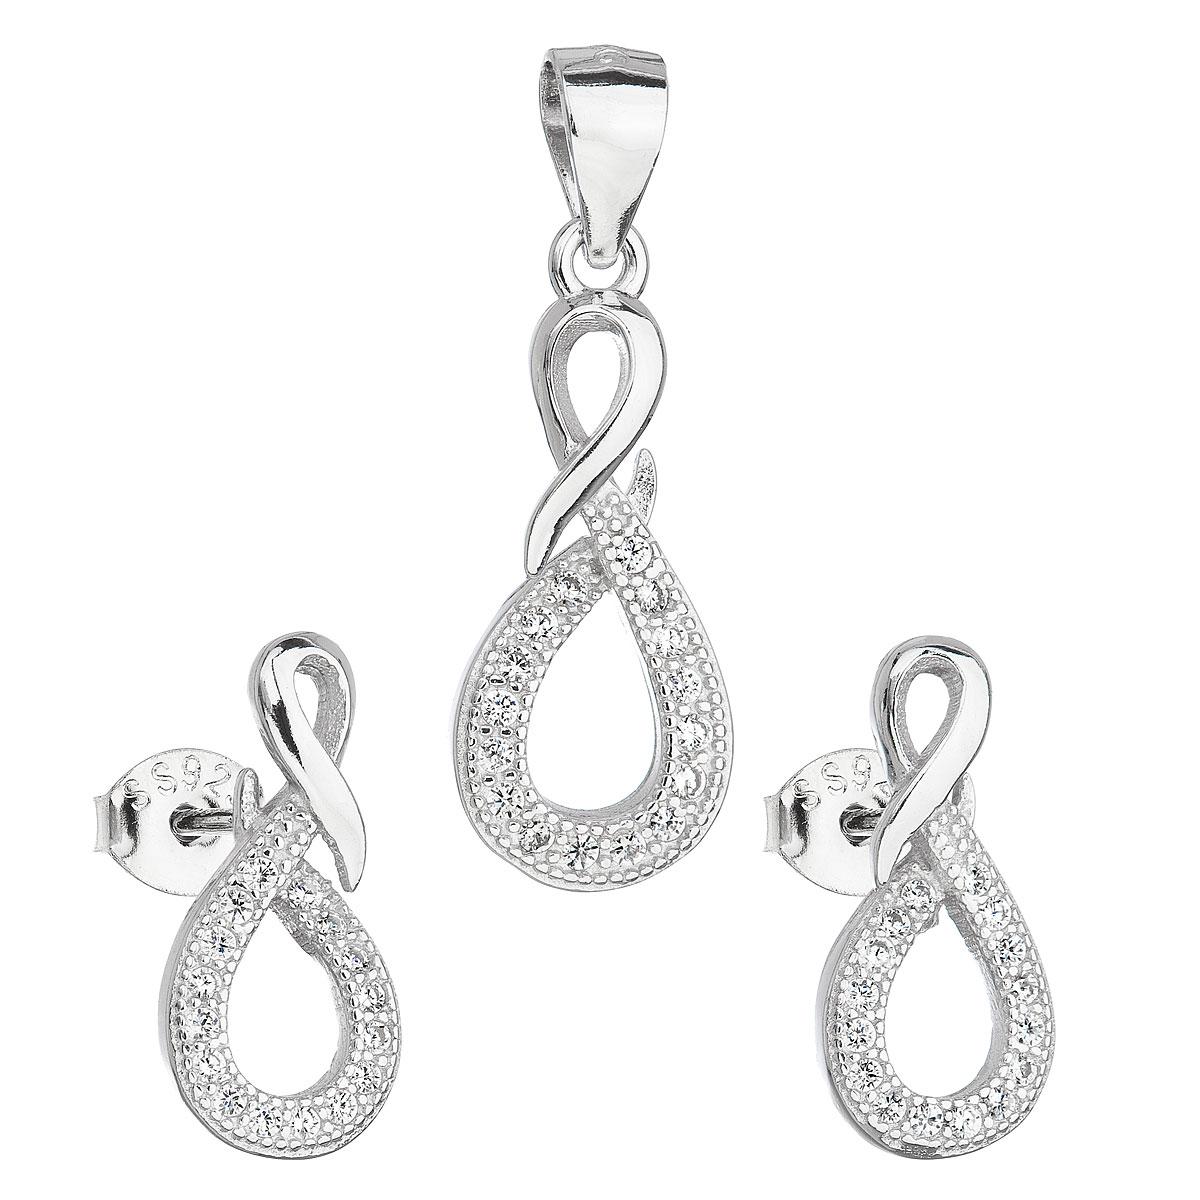 Sada šperků se zirkonem v bílé barvě náušnice a přívěsek 19012.1